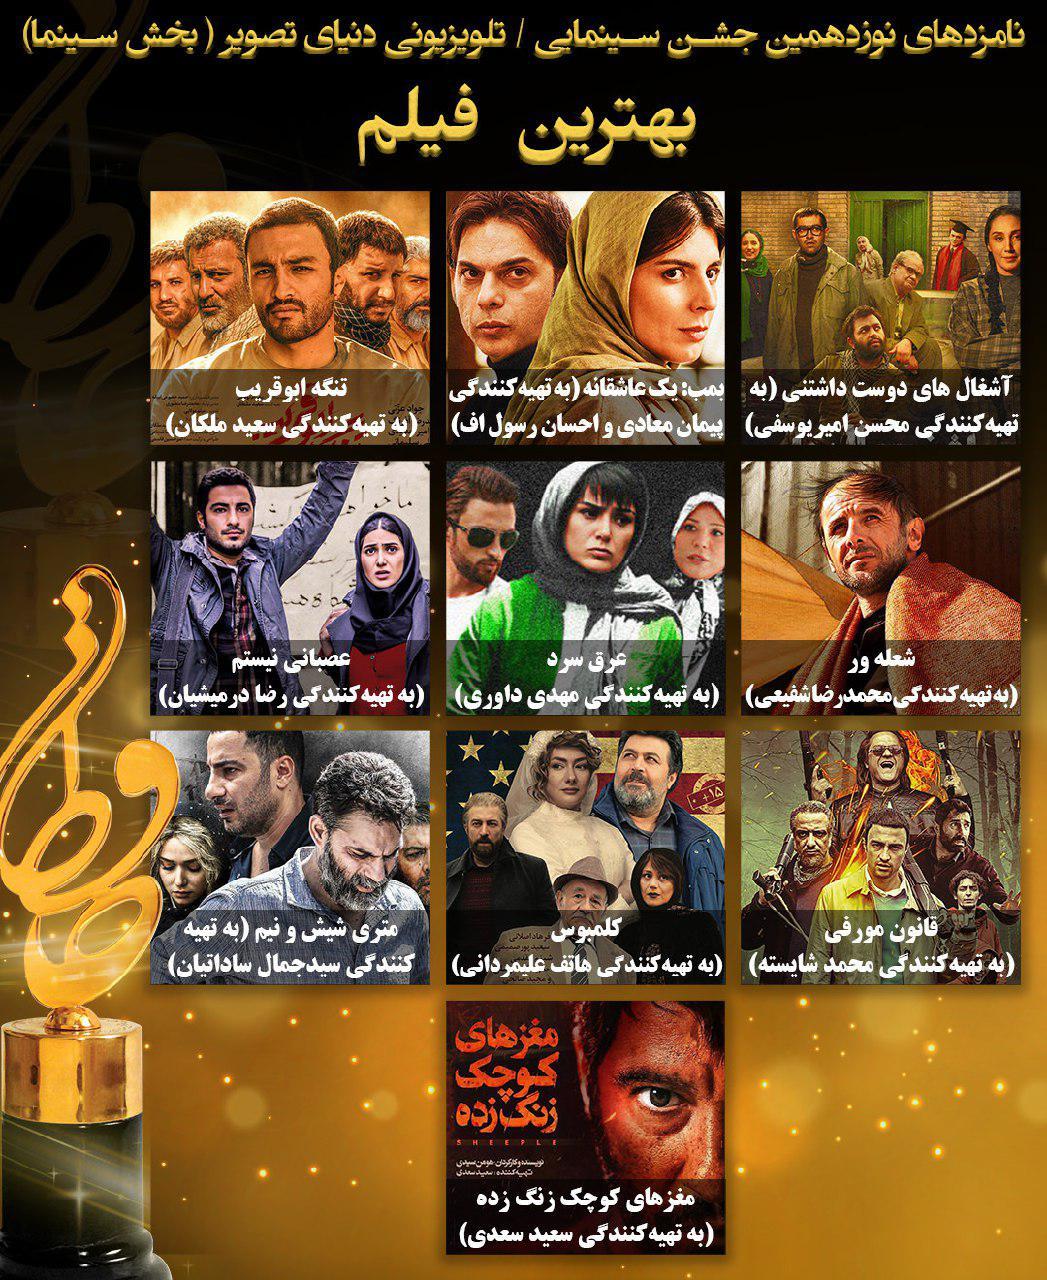 اعلام نامزدهای بخش سینمای نوزدهمین جشن حافظ